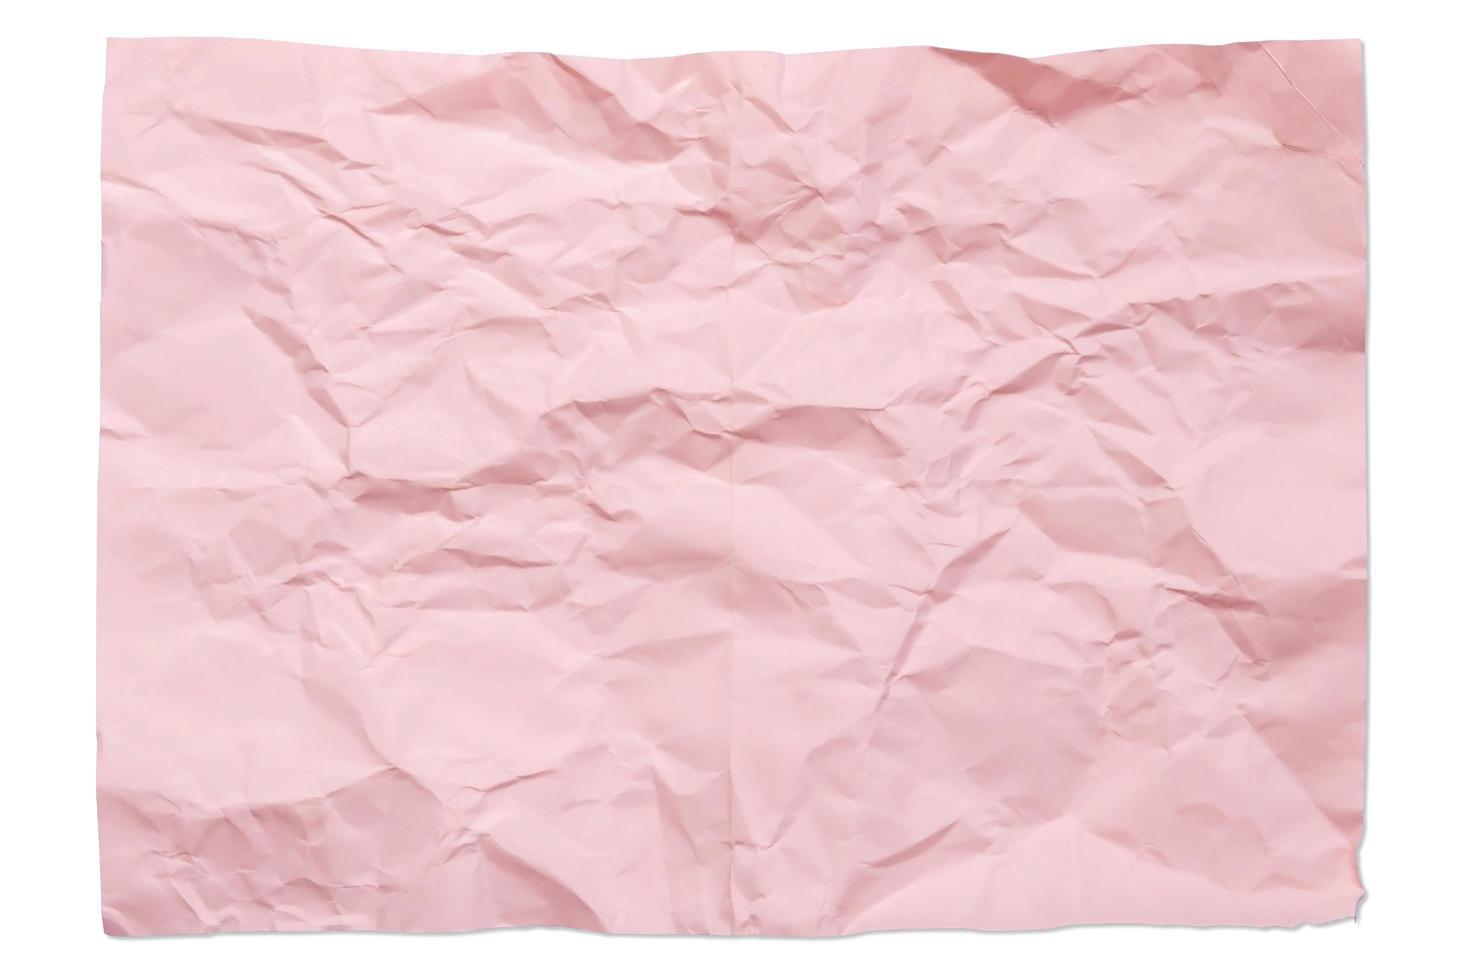 Papel arrugado en blanco de color rosa 4a aislado sobre fondo blanco con sombra foto